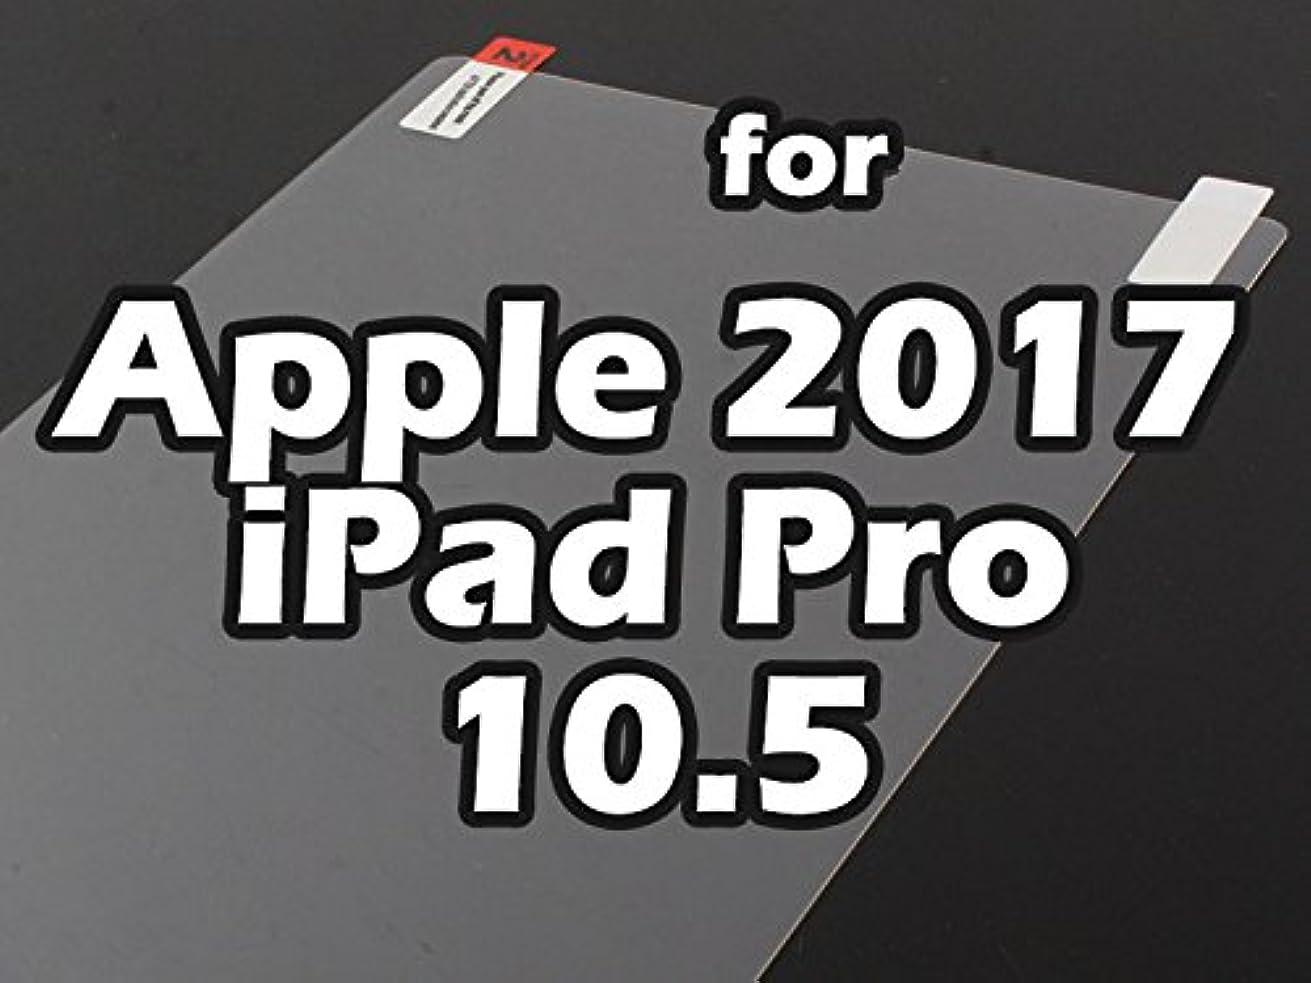 覆すピアノ散歩Apple 2017 iPad Pro 10.5インチ用 低反射 前面フィルム 液晶保護シート #マットタイプ